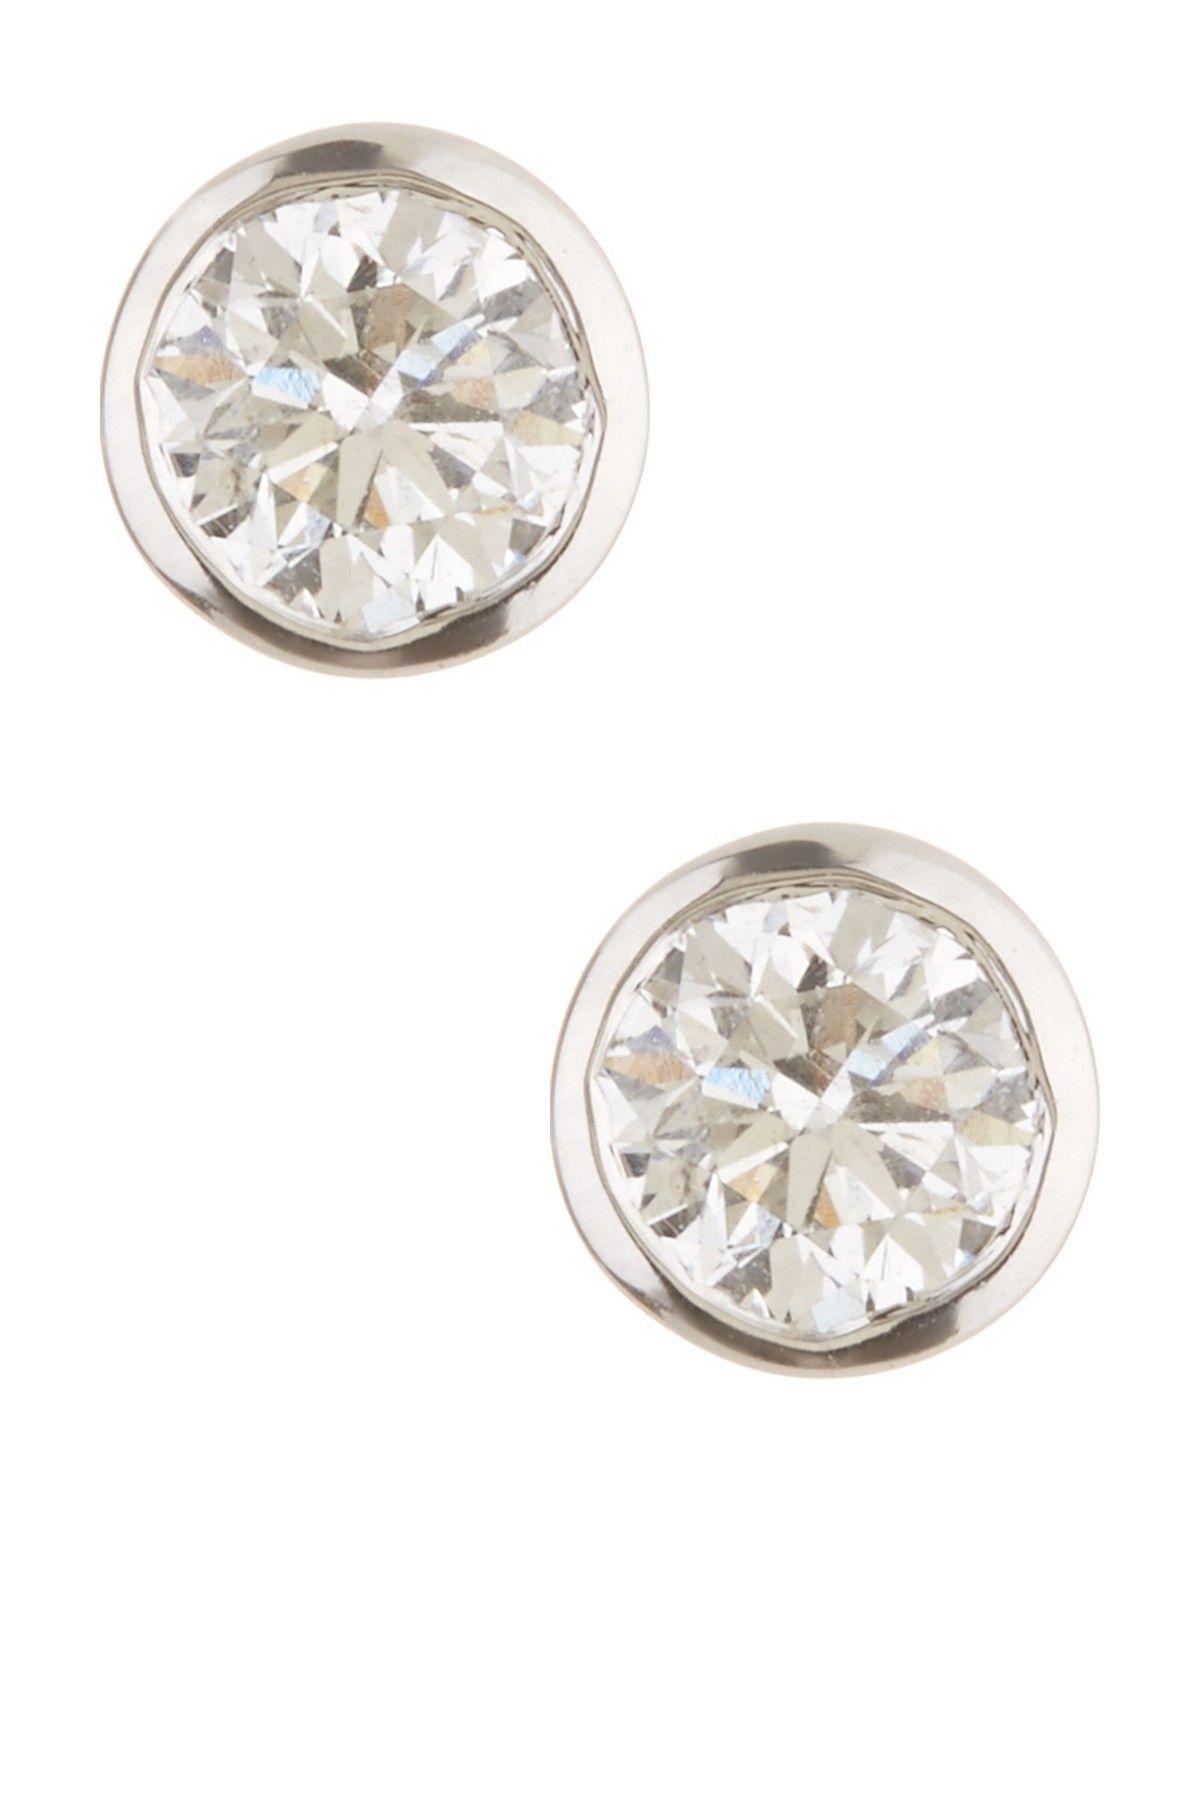 4467e20bc 14K White Gold Bezel Set Diamond Stud Earrings - 0.75 ctw by Bony Levy on  @nordstrom_rack